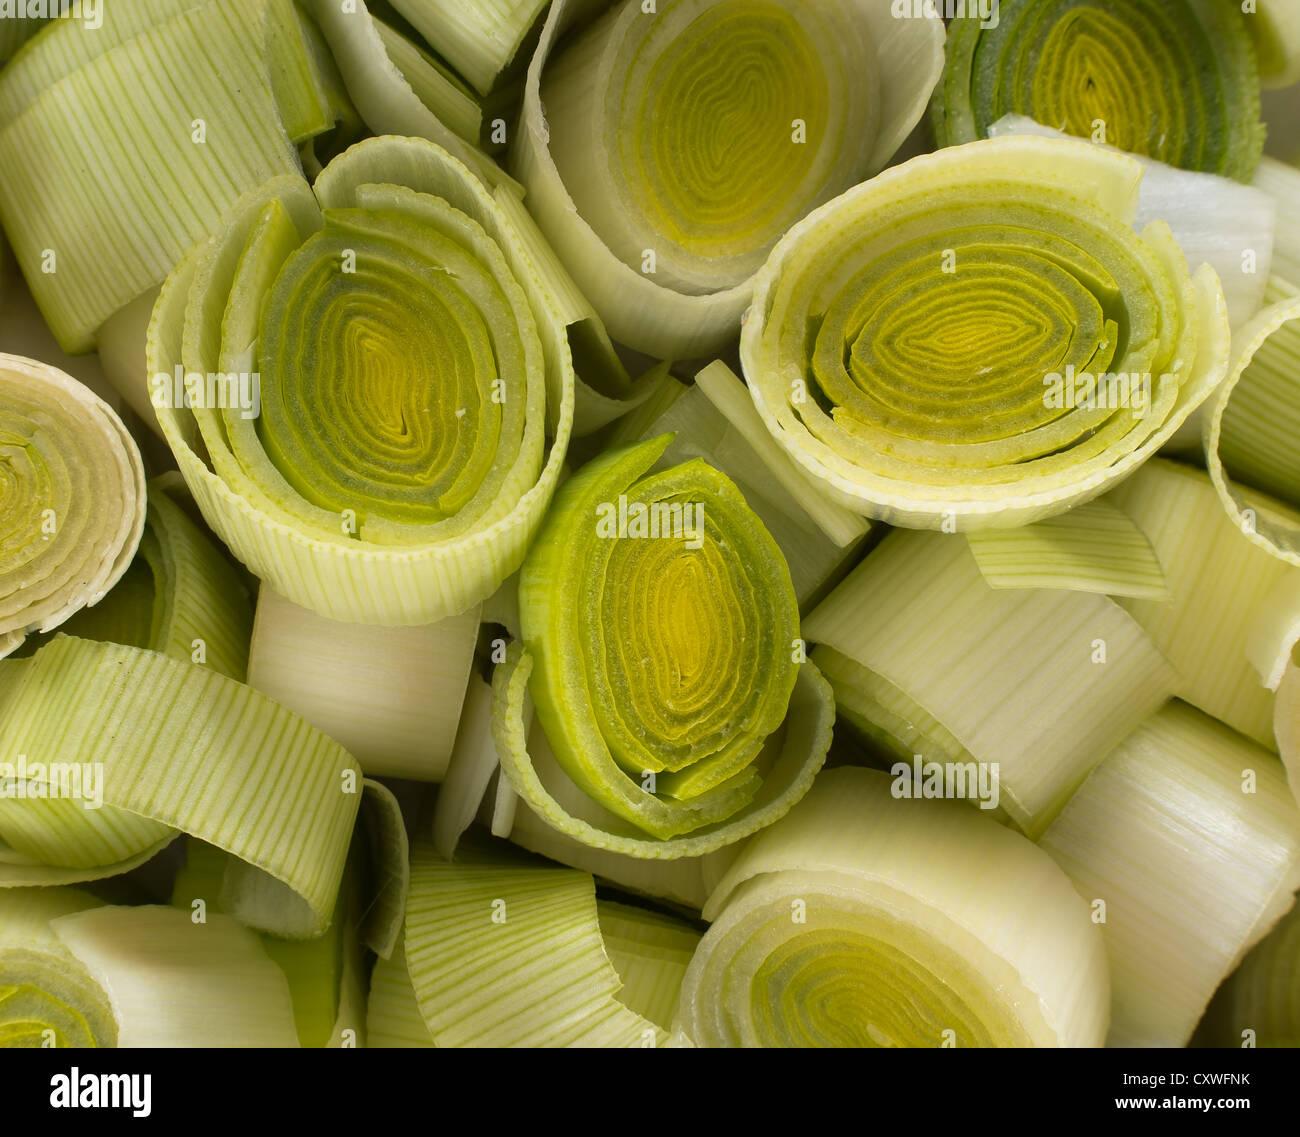 Leeks - cut, sliced - Stock Image